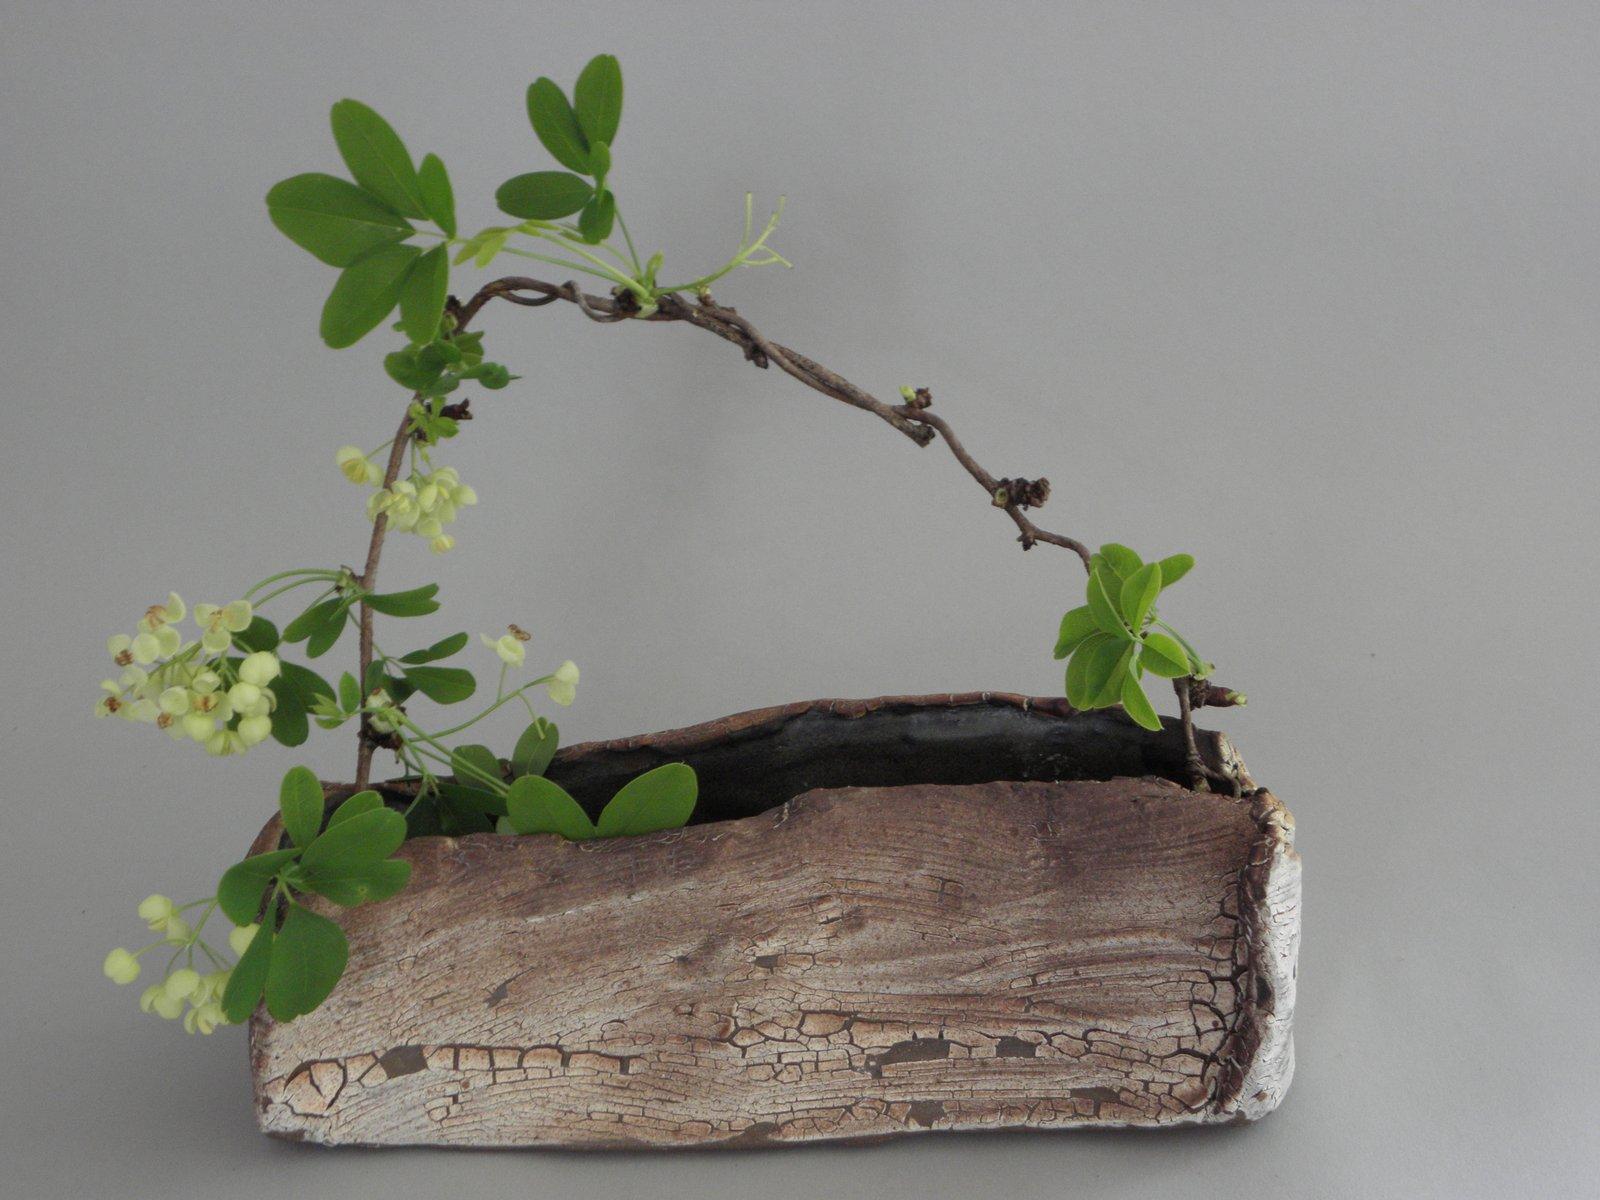 ikebana vase and arrangement